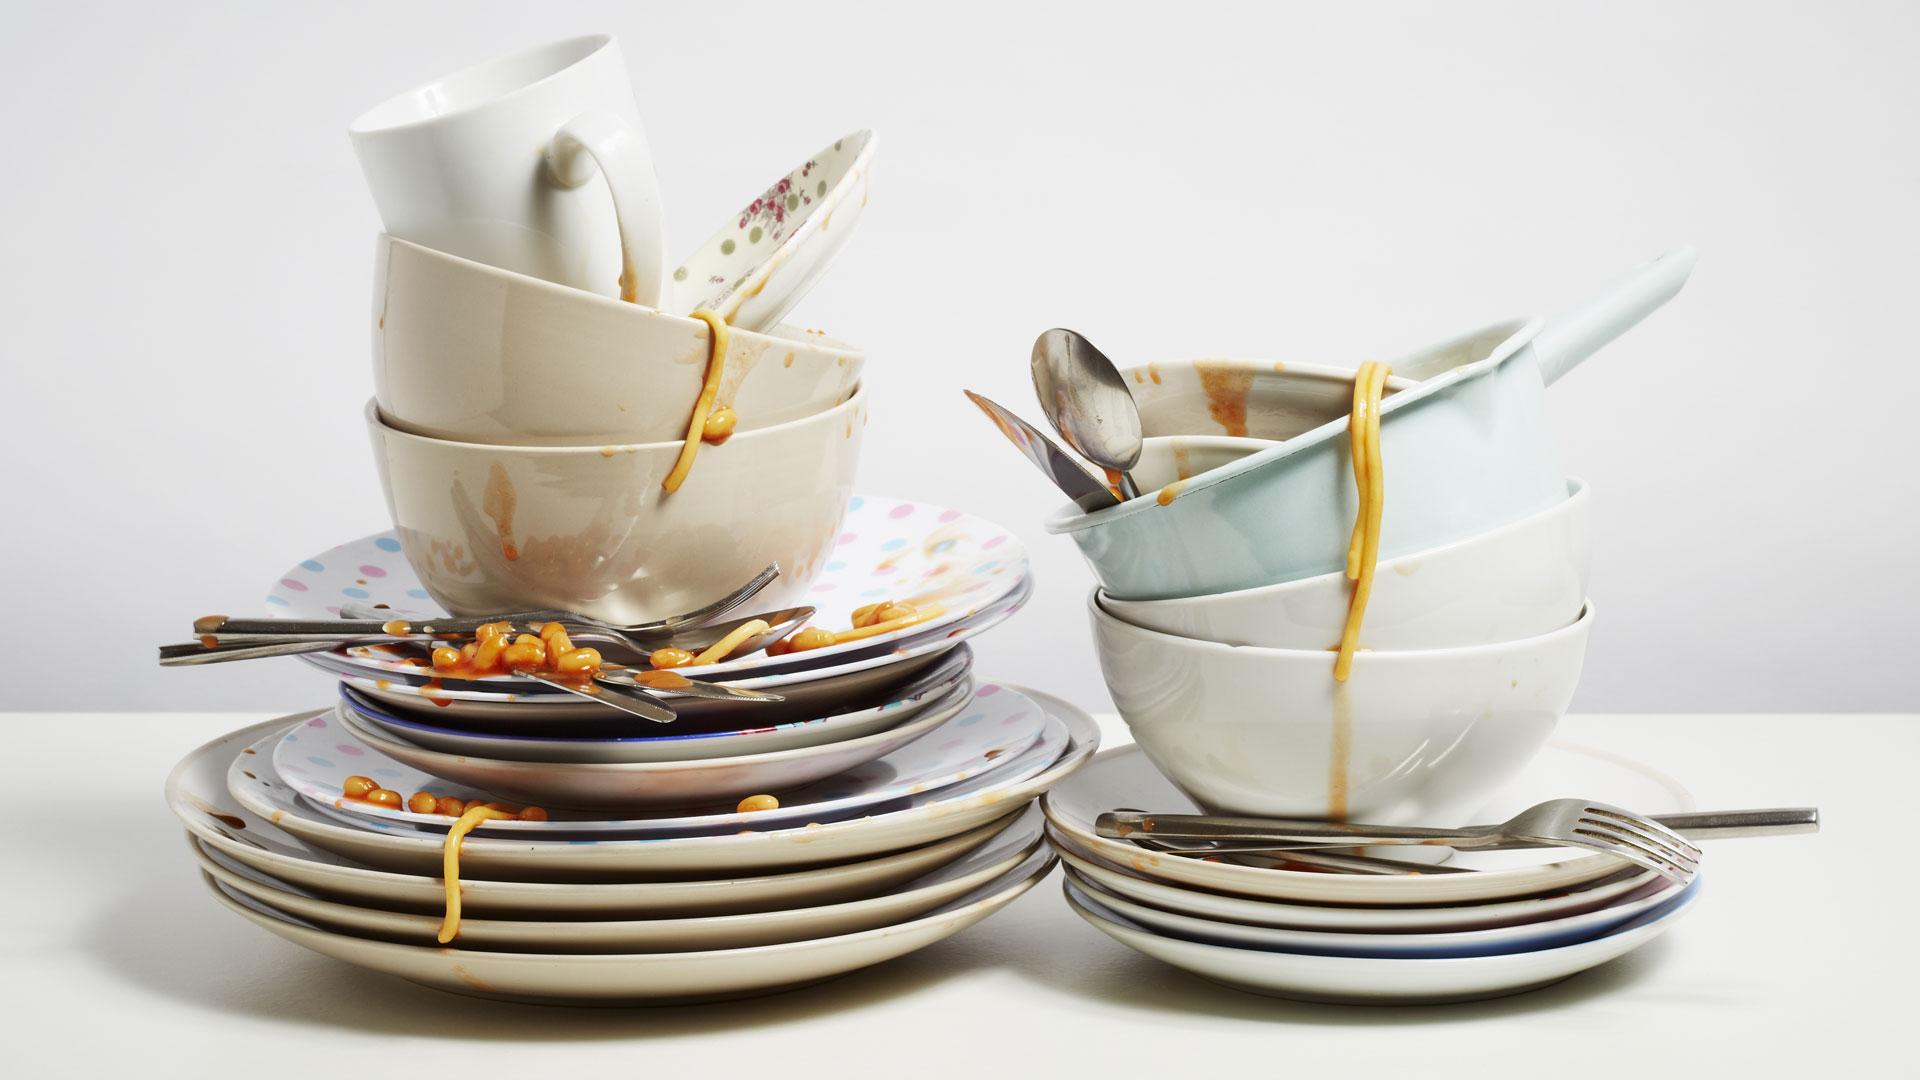 грязная посуда к чему